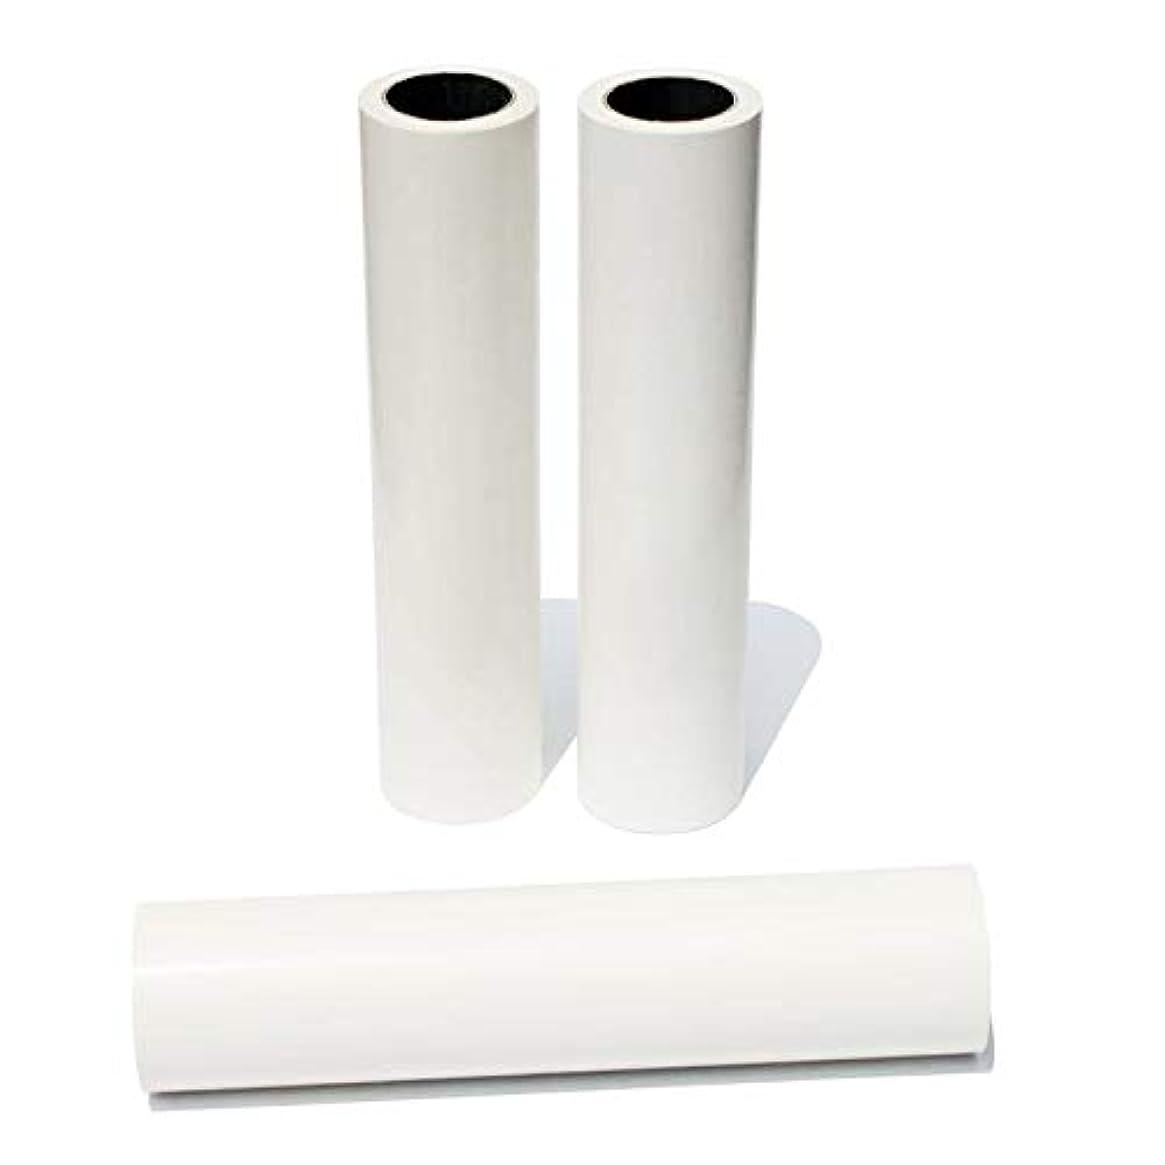 測定オーガニック夫婦CGOLDENWALL ロール式ラミネーターフィルム PET 光沢 A8~A3 内径1インチ 幅*長さ300mm*200m 厚さ22μm 業務用